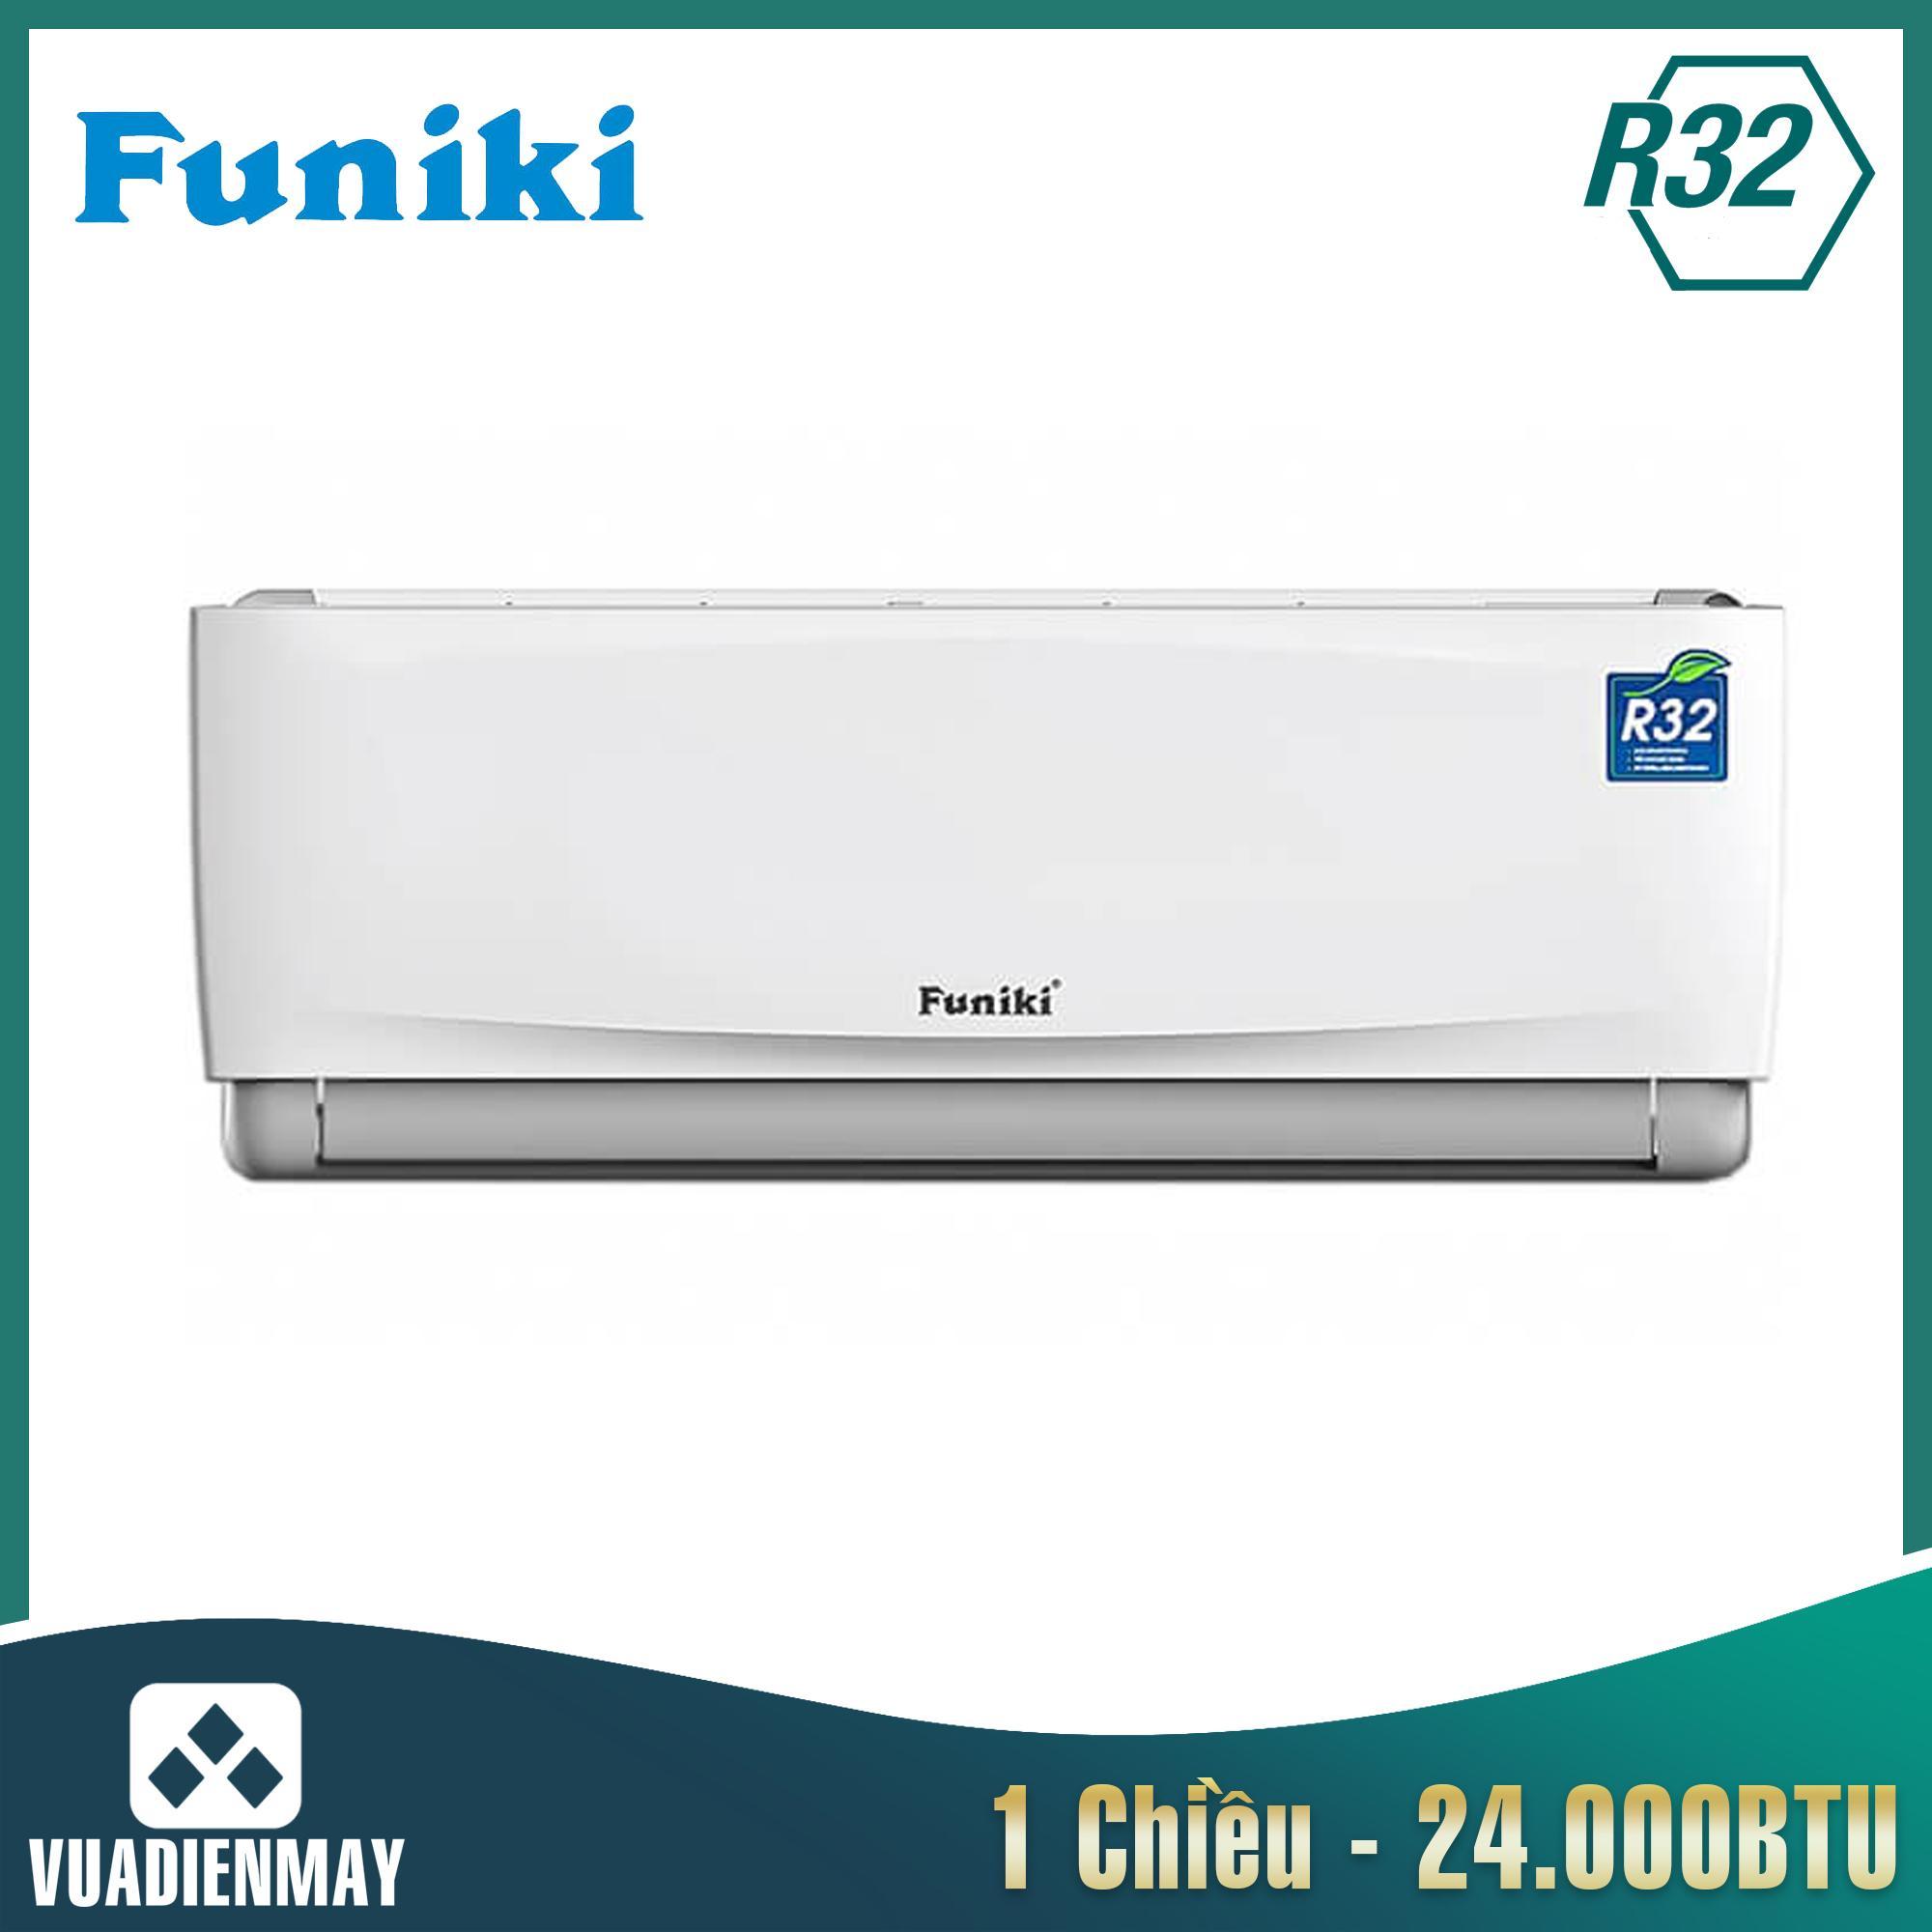 HSC24TAX,Điều hòa Funiki 24000BTU 1 chiều Non-Inverter